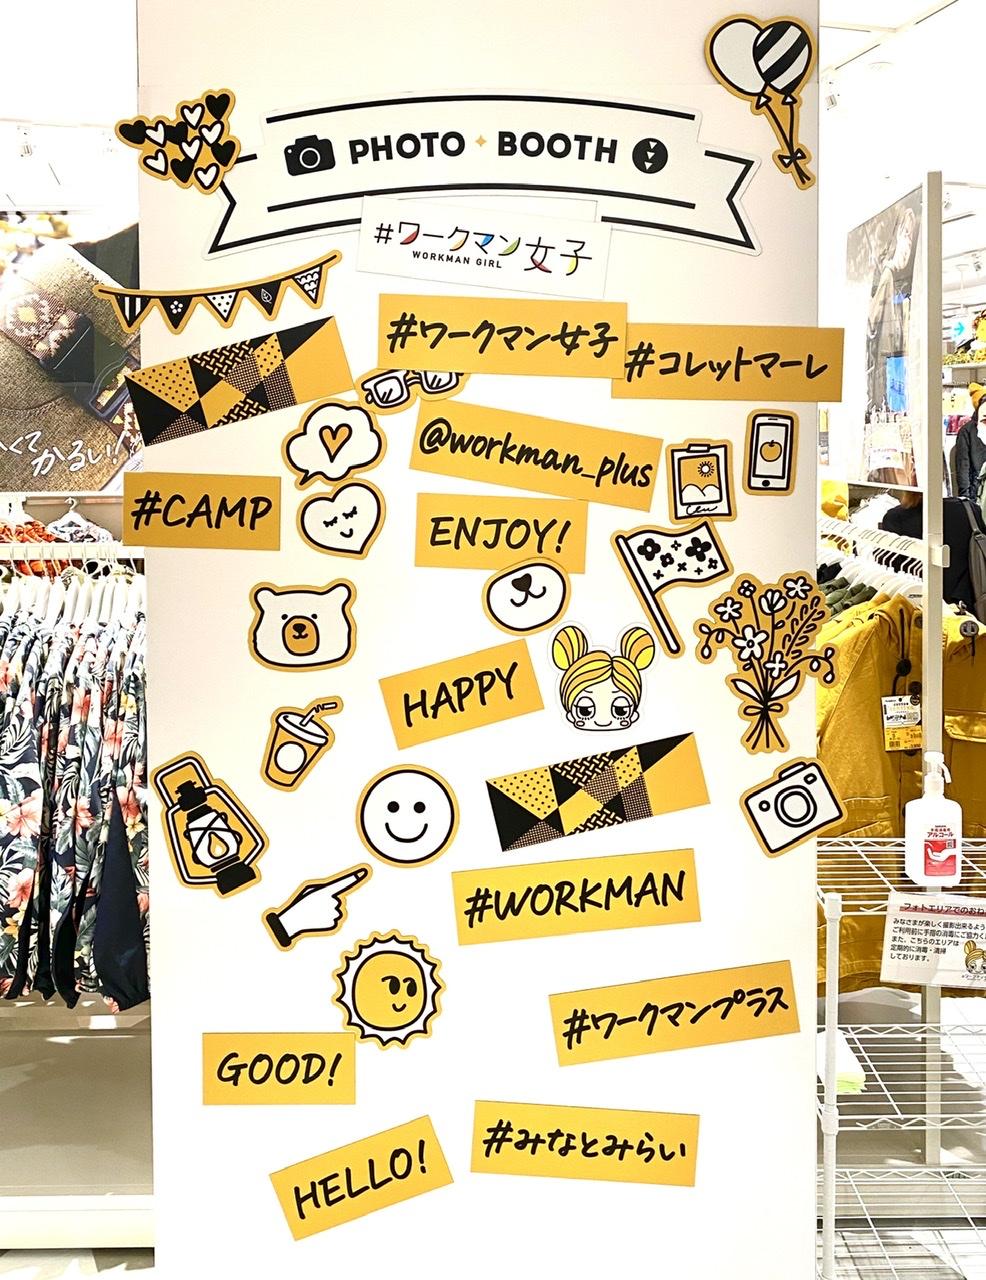 『#ワークマン女子』1号店が横浜にオープン☆ 何が売っているの? どんなお店なの? 徹底調査してきました!_4